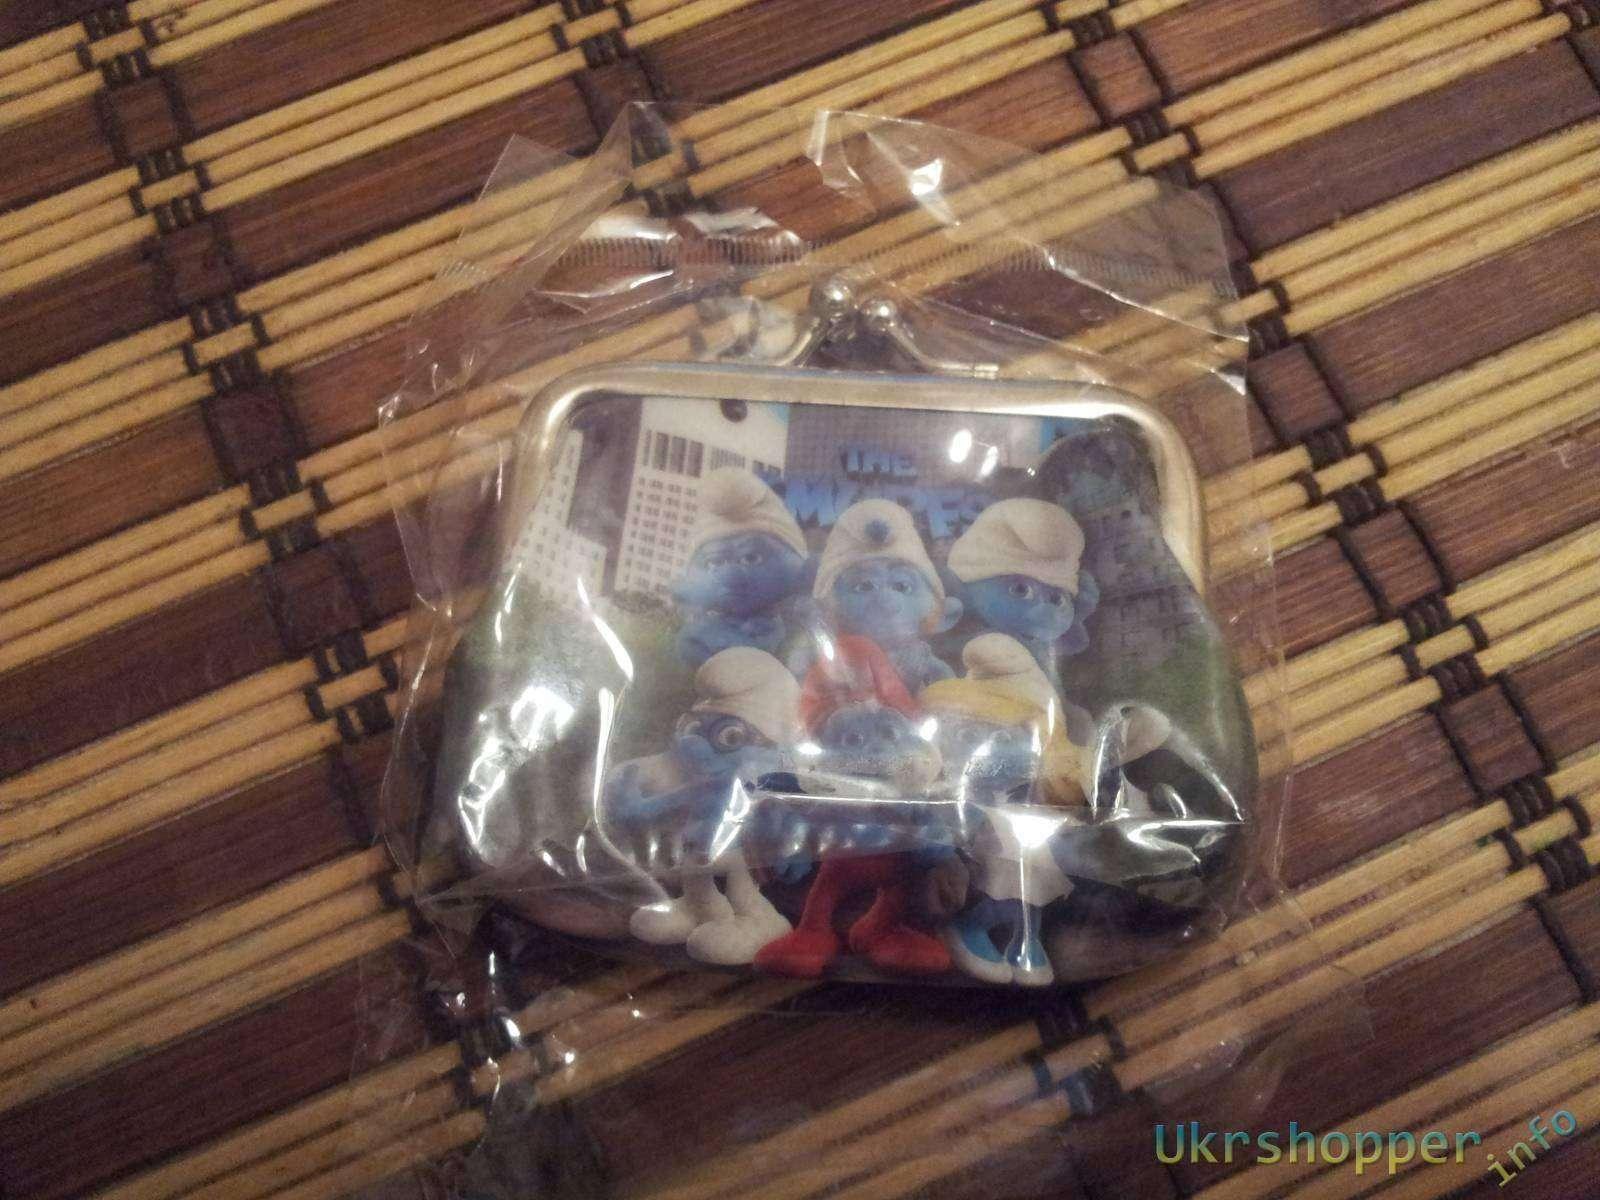 Aliexpress: Обзор детского кошелька со смурфиками